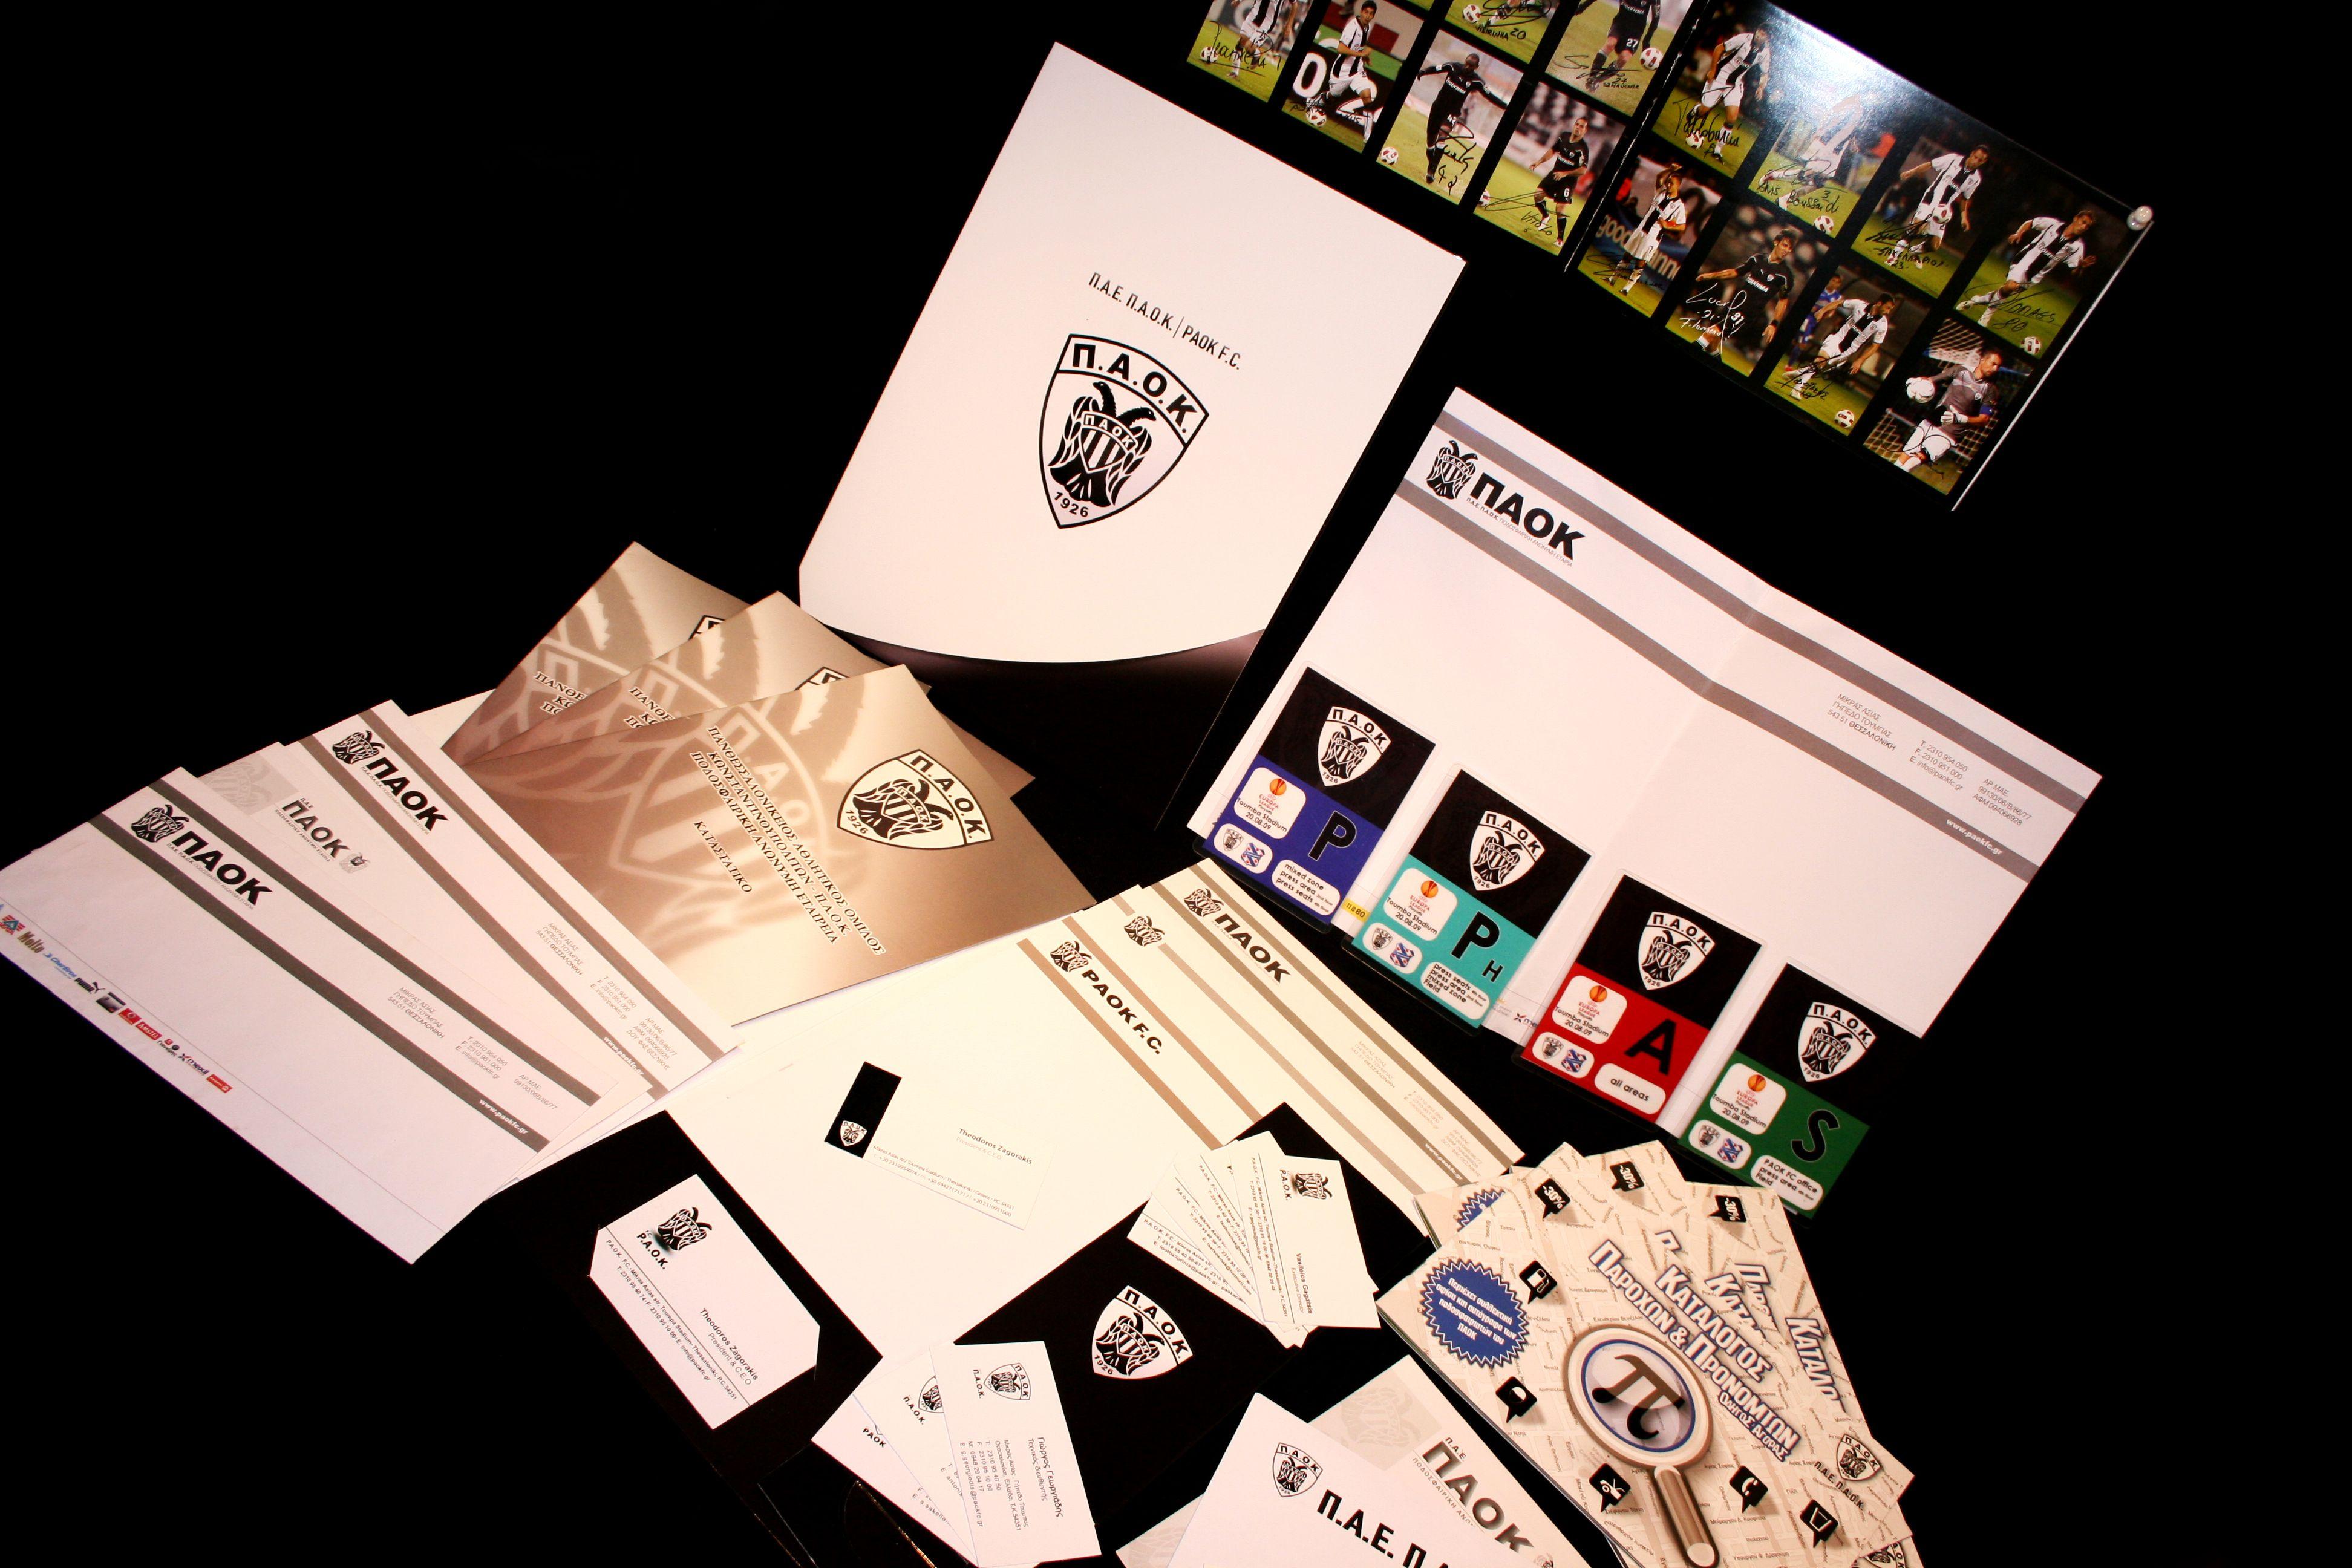 Folders, flyers, κάρτες, επιστολόχαρτα, προσκλήσεις